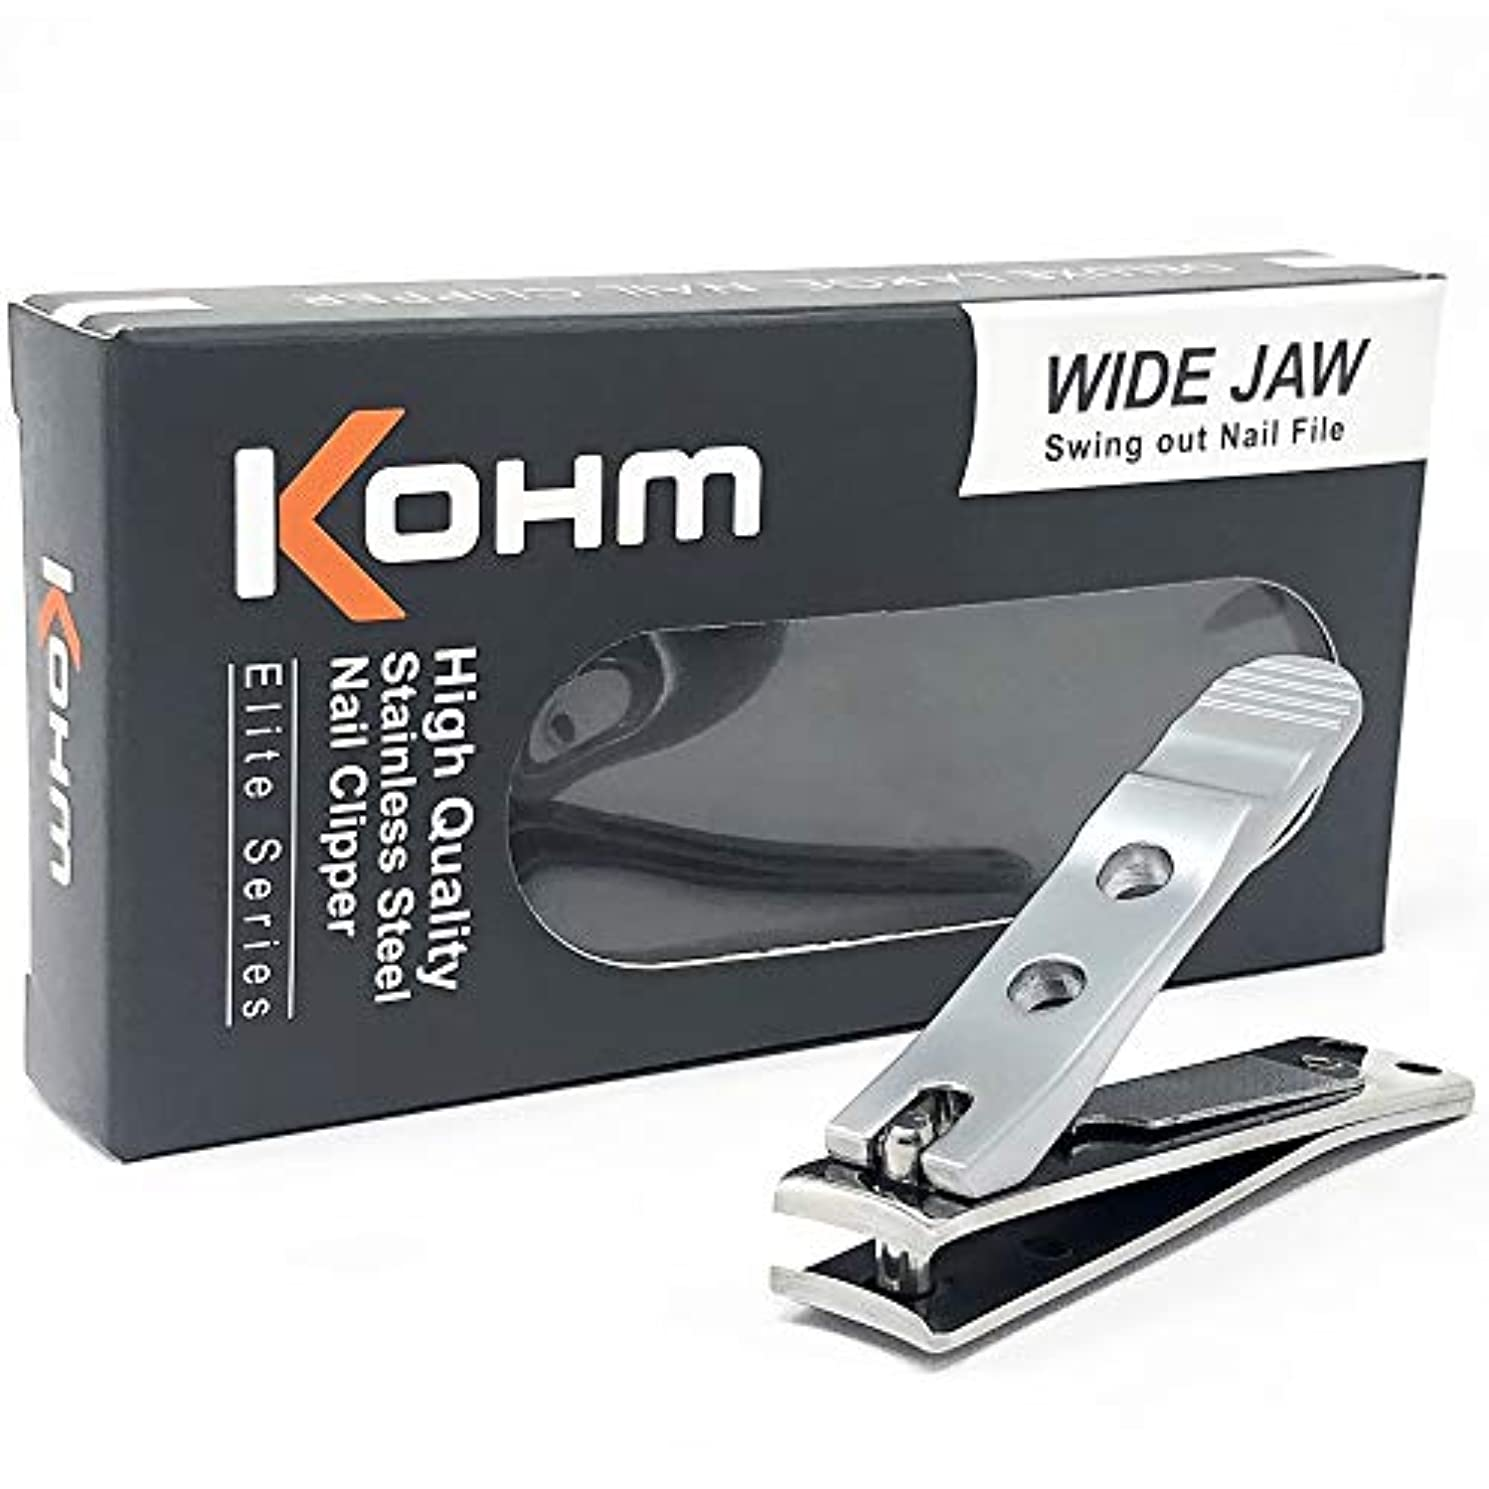 地上の削減家庭Kohm WHS-440L厚手の爪のための足のつかみ4mmの広い顎、湾曲した刃、釘のファイル、ヘビーデューティ。